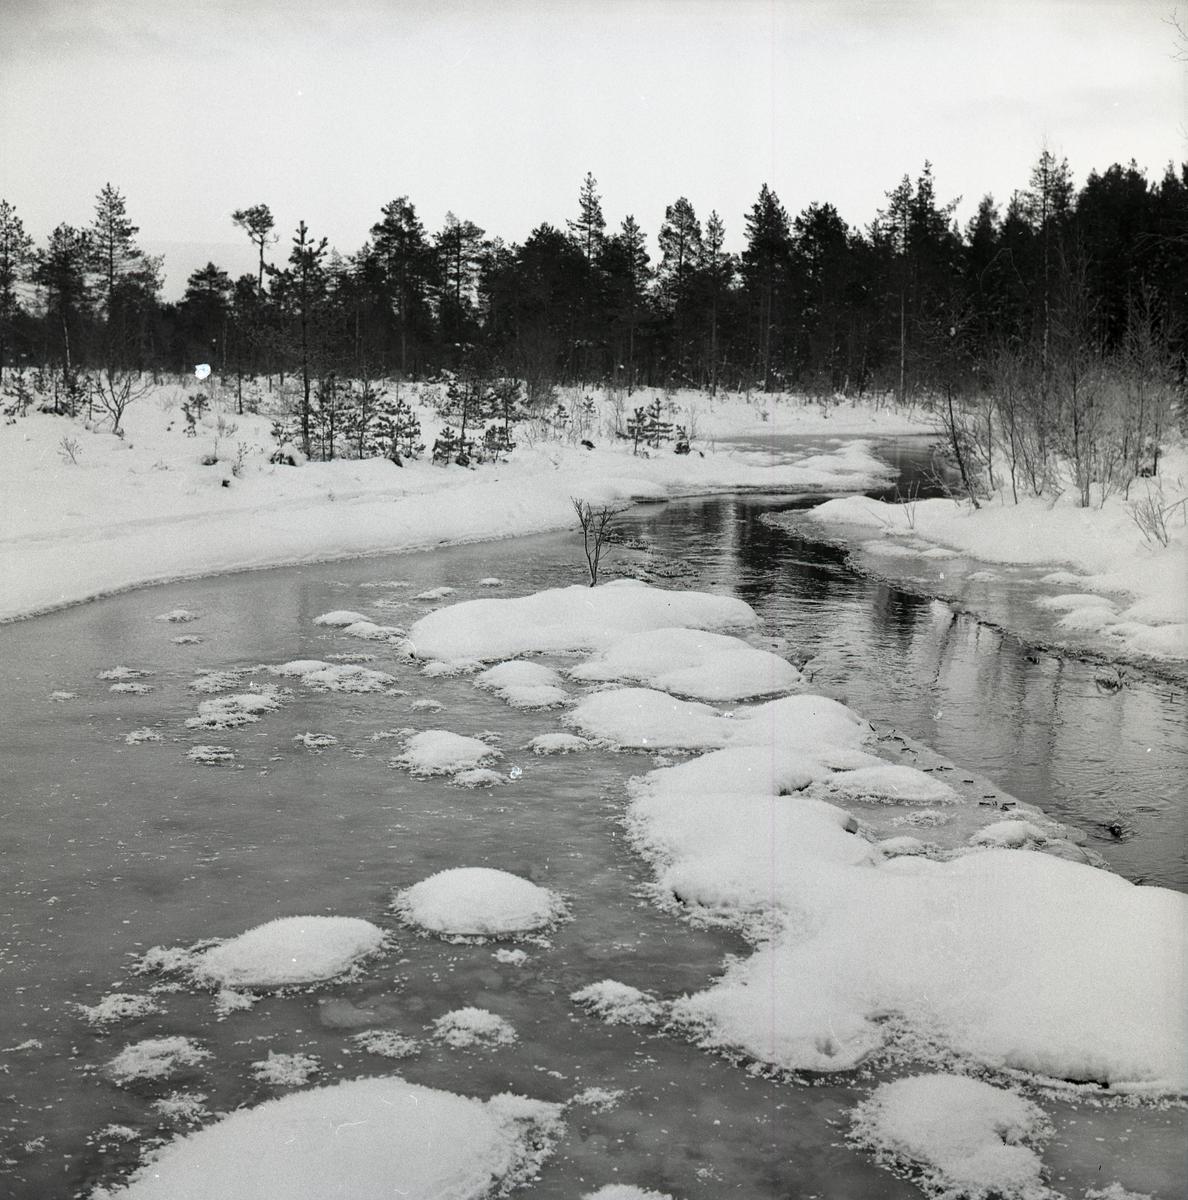 Hölesjöån med snöplättar i tussliknande former, 25 december 1963.